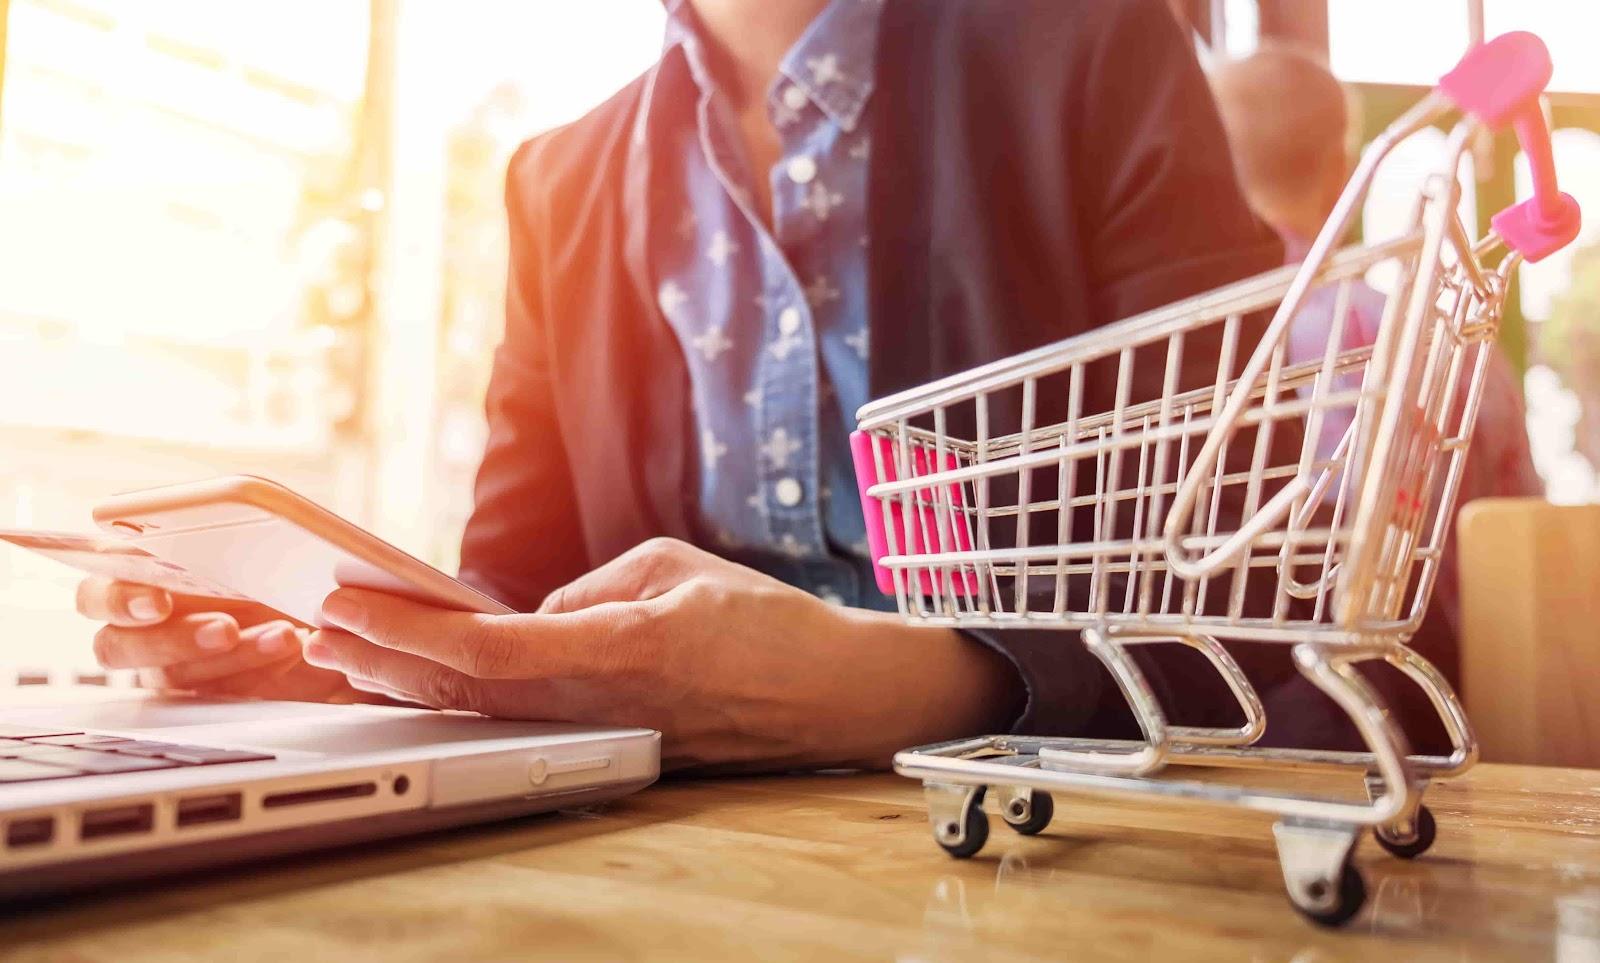 Компании Google и YouTube запустили новые функции для онлайн-шопинга - Фото 1